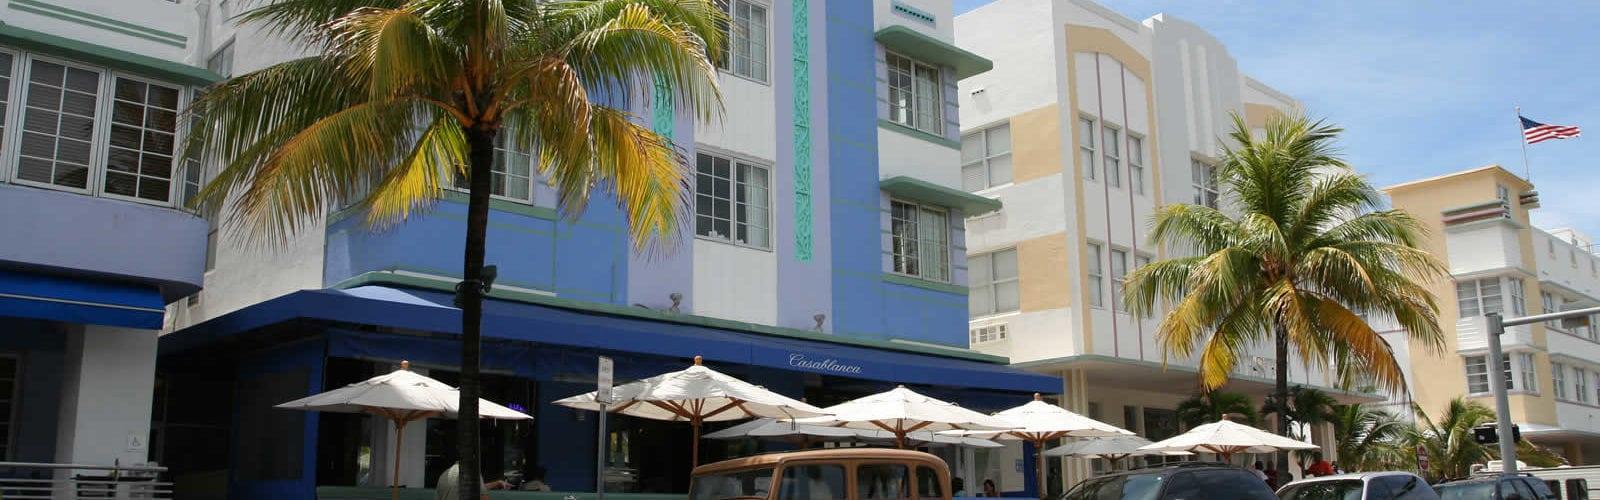 miami-south-beach-architecture-art-deco-visiter-une